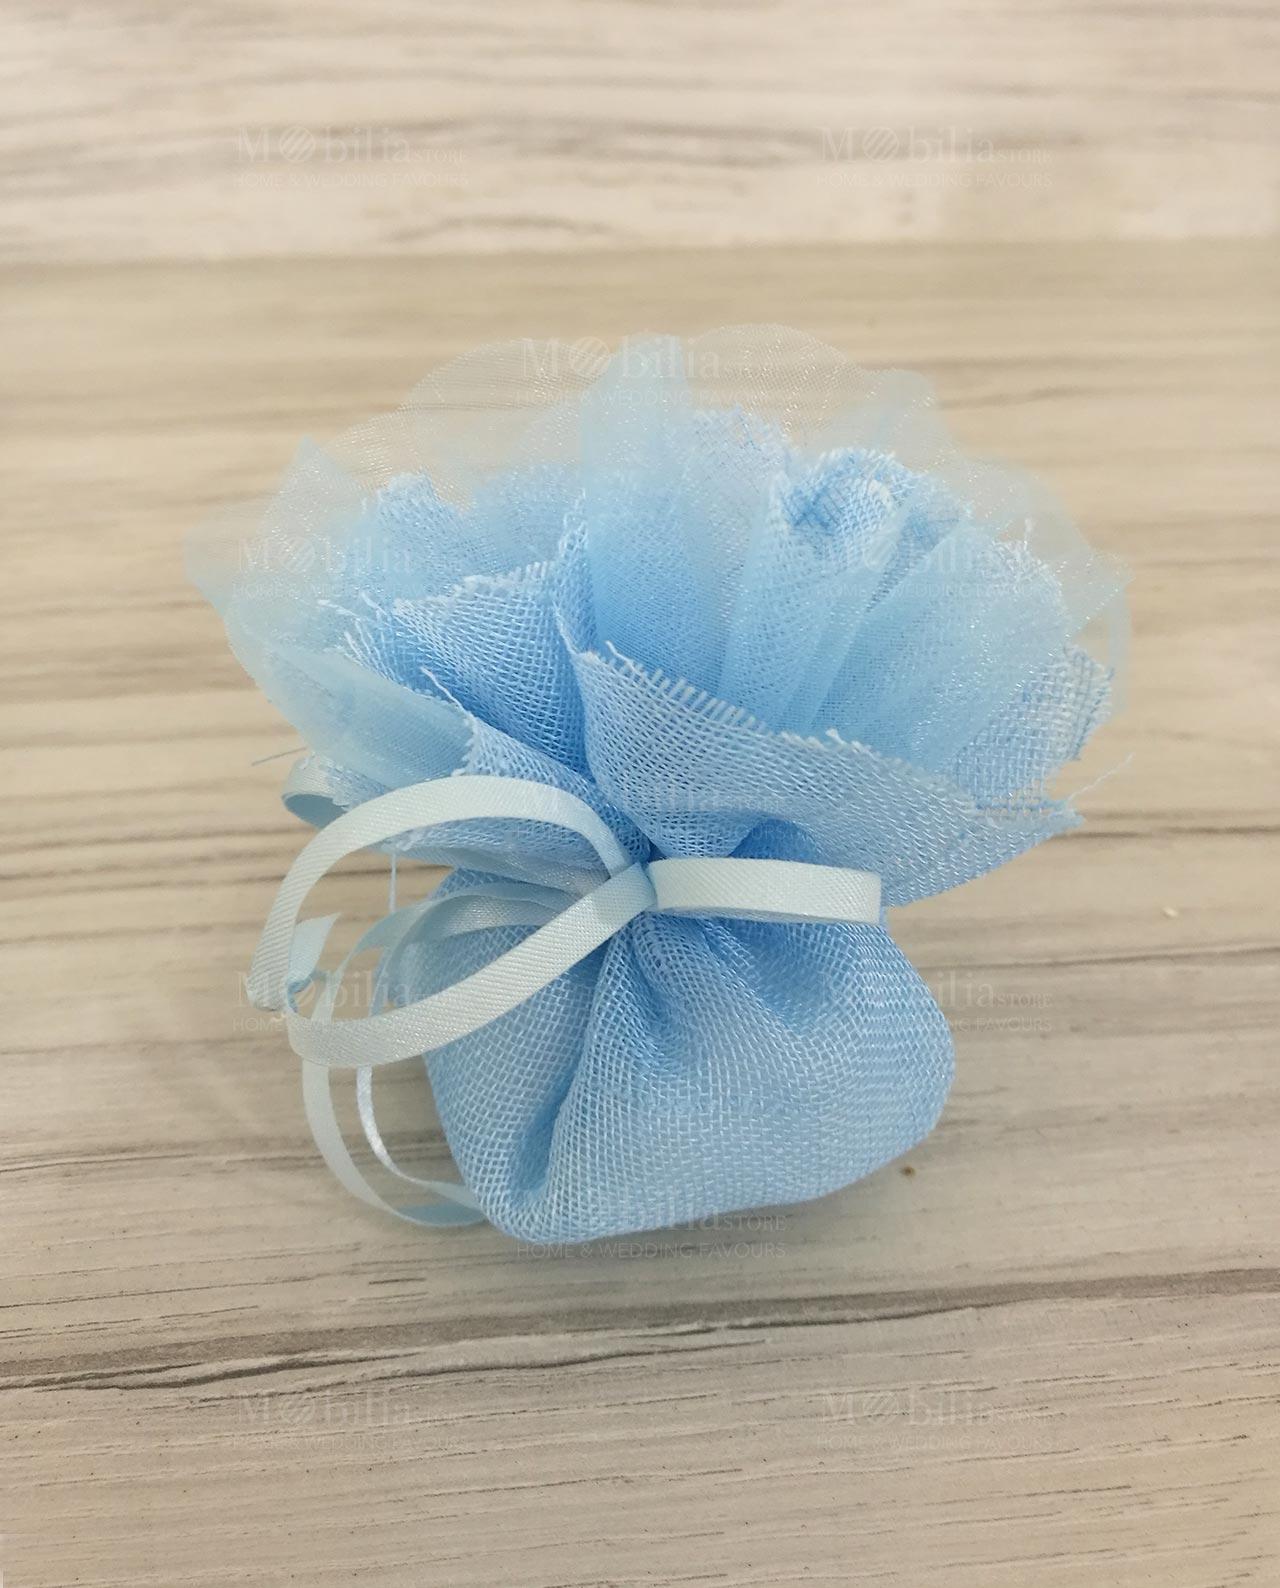 Bomboniere Matrimonio Telefono Azzurro : Sacchetti per confetti fai da te vr regardsdefemmes